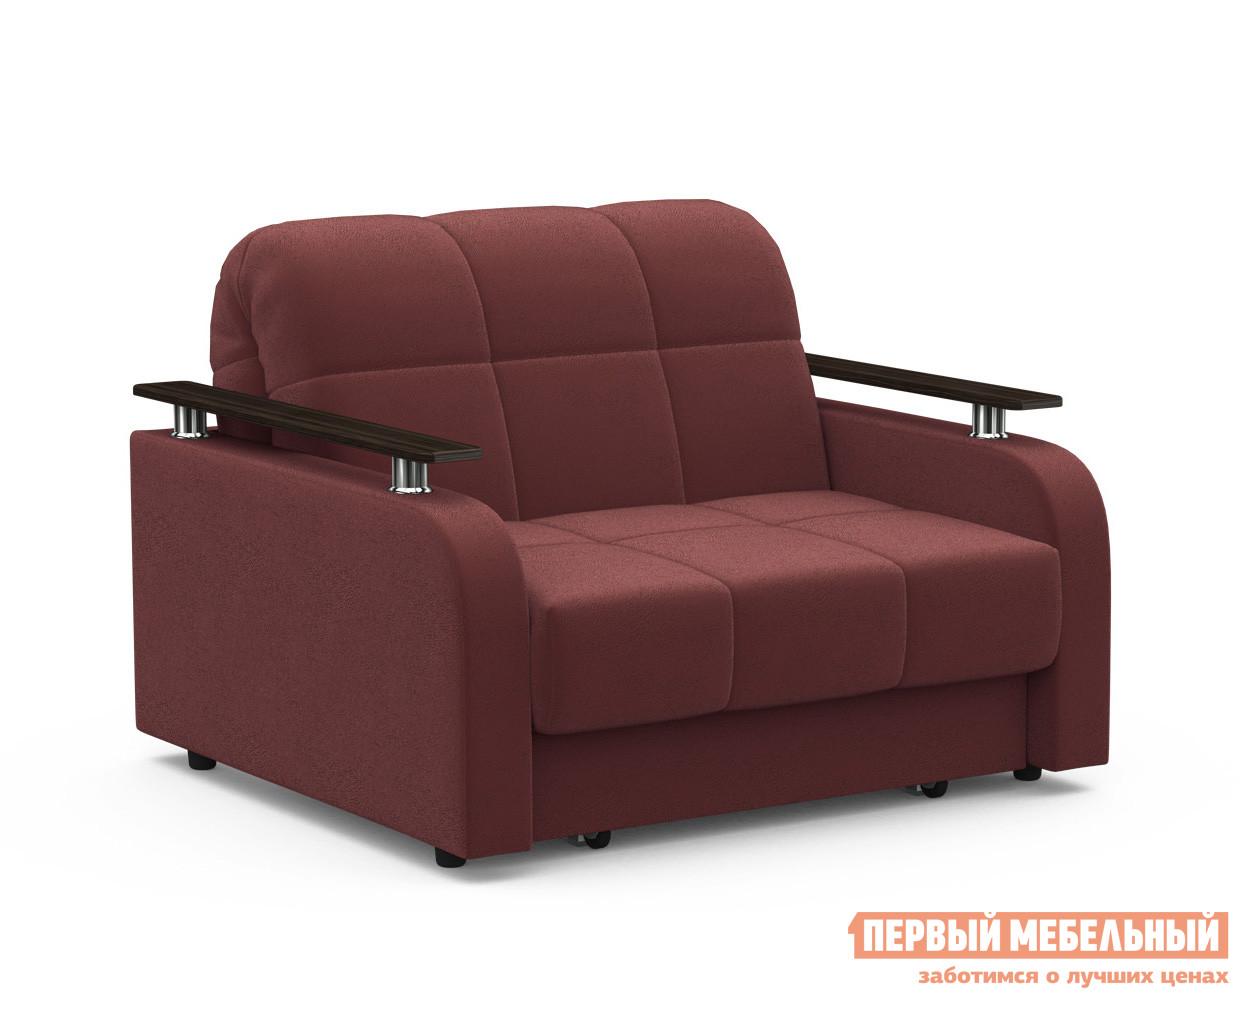 Кресло Живые диваны Карина 044